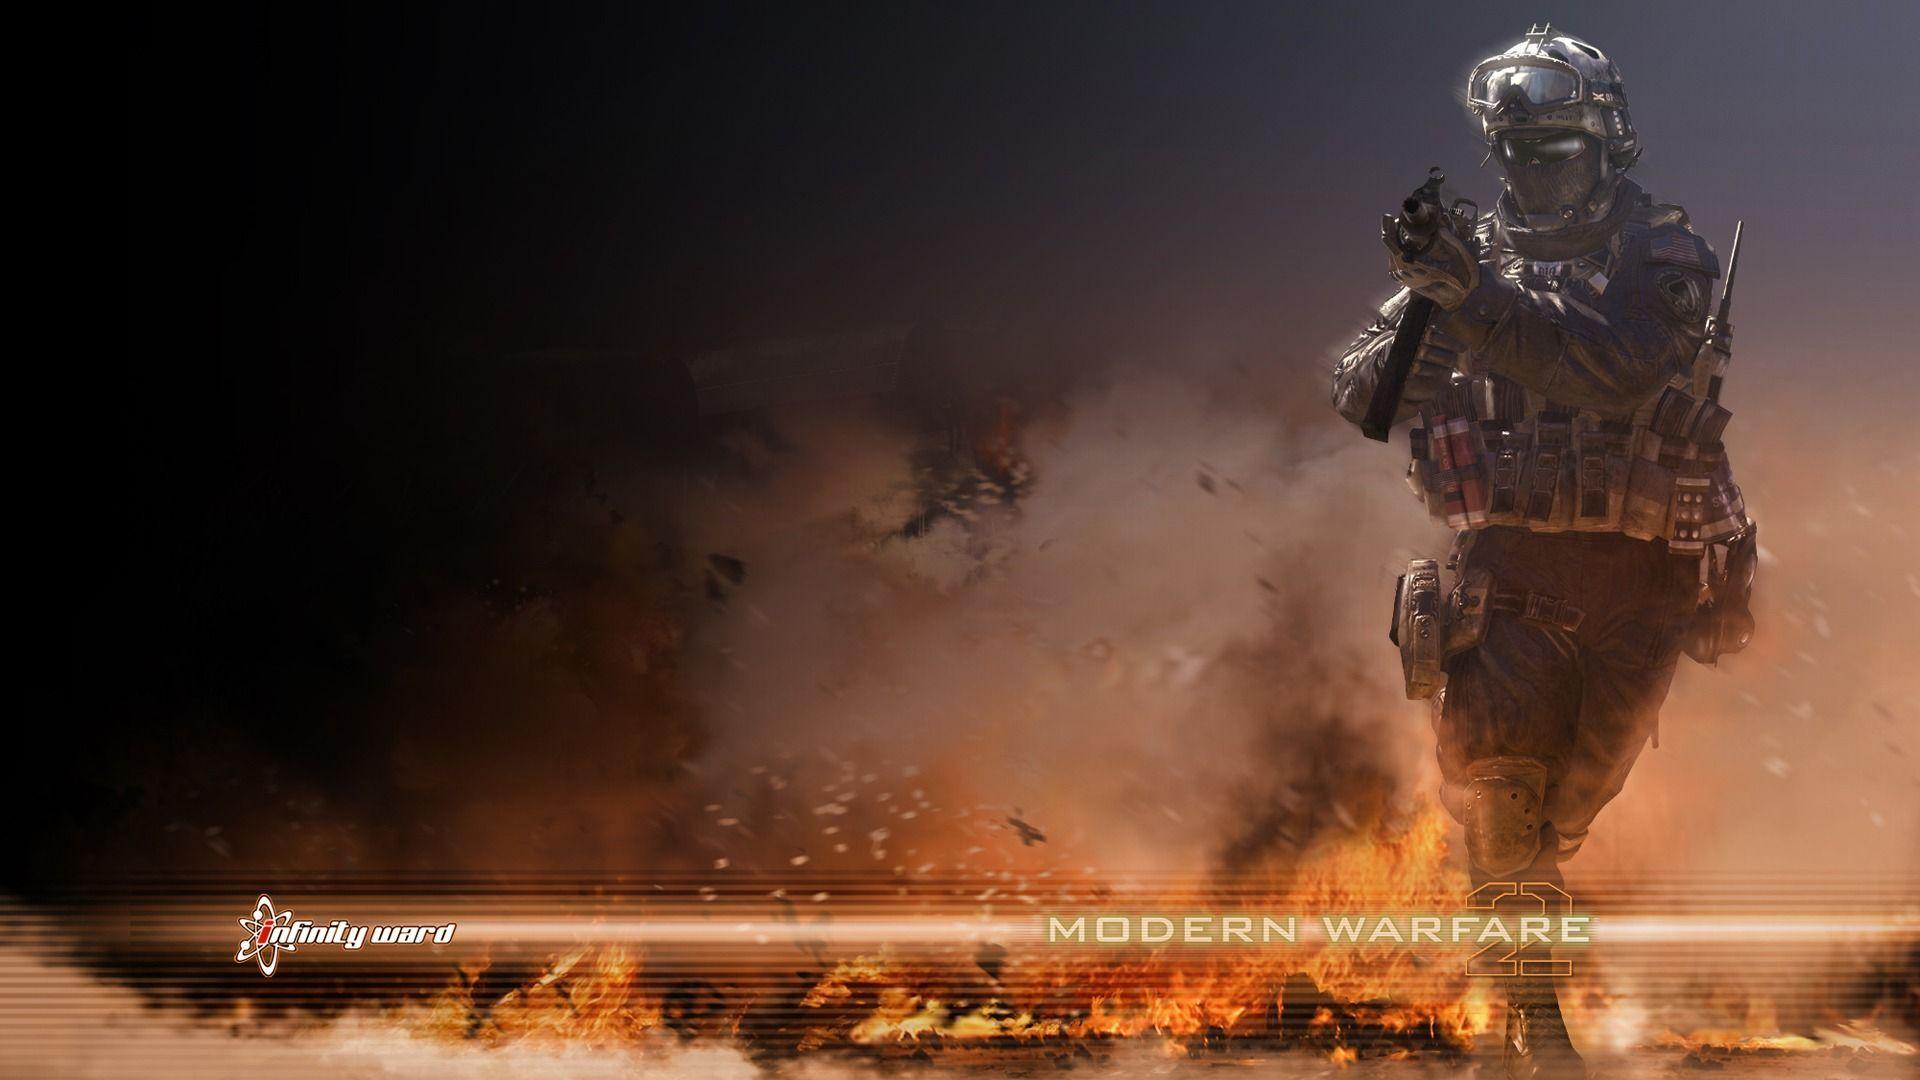 Call Of Duty Modern Warfare 2 Callofduty Modernwarfare2 Modernwarfare Galeri Duvar Kagidi